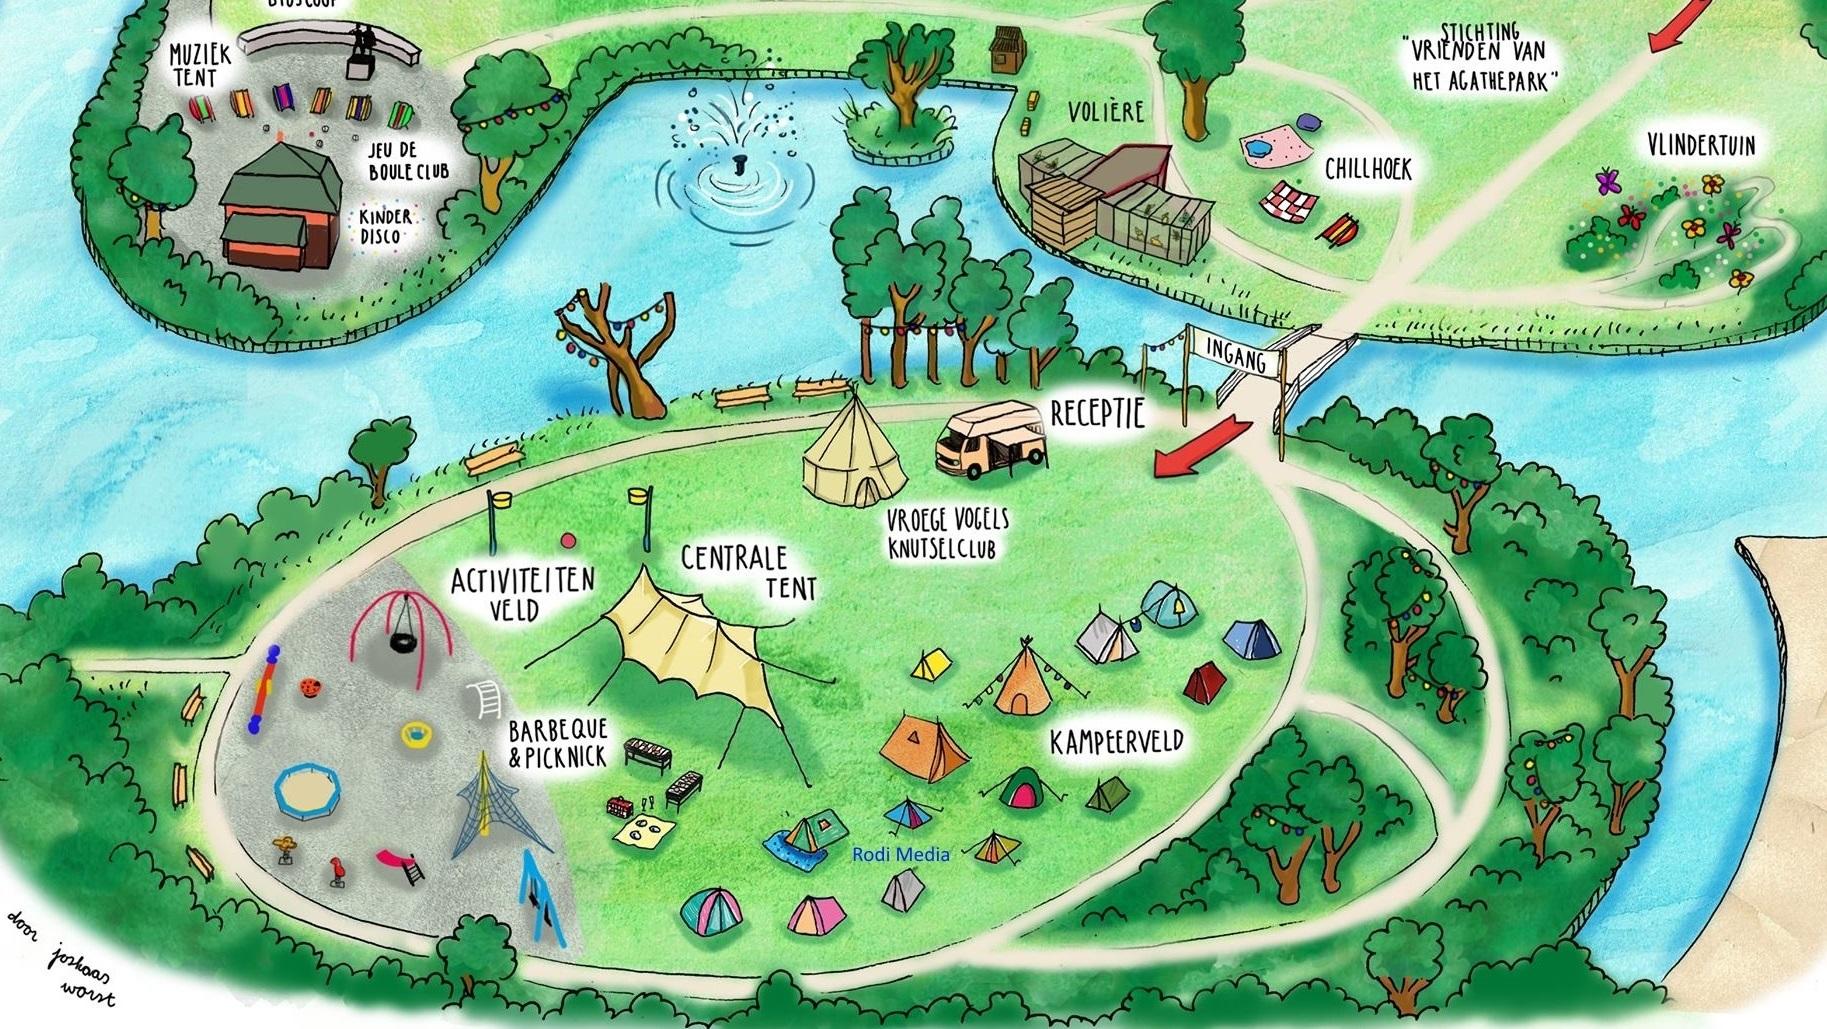 Plattegrond van een van de Buurtcampings in Zaanstad, het Agathepark. (Illustratie: De Buurtcamping)